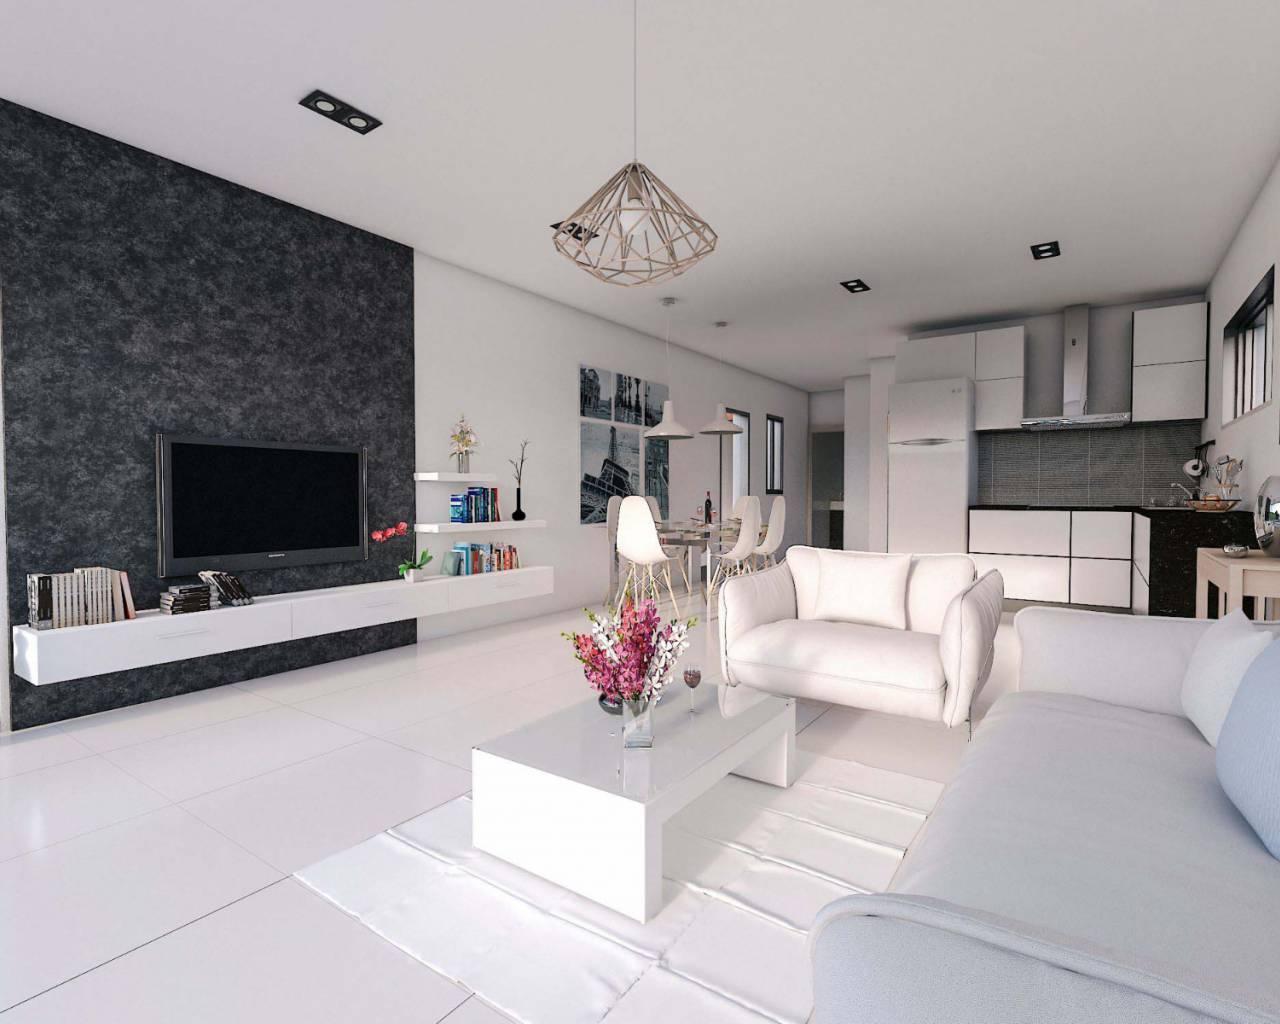 nieuwbouw-vrijstaande-villa-los-alcazares_5142_xl